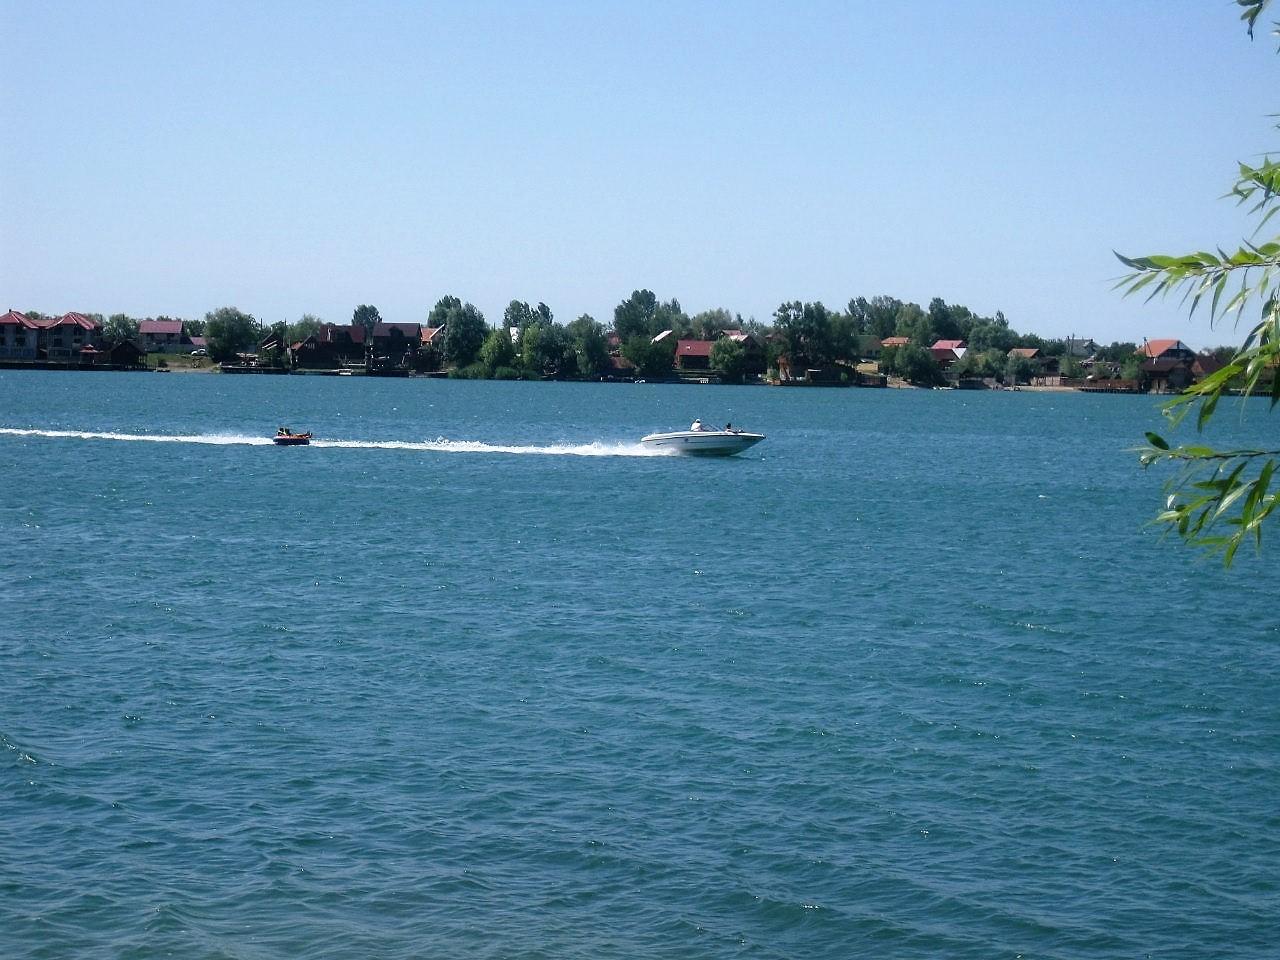 Українцям дозволять купатись у водоймах